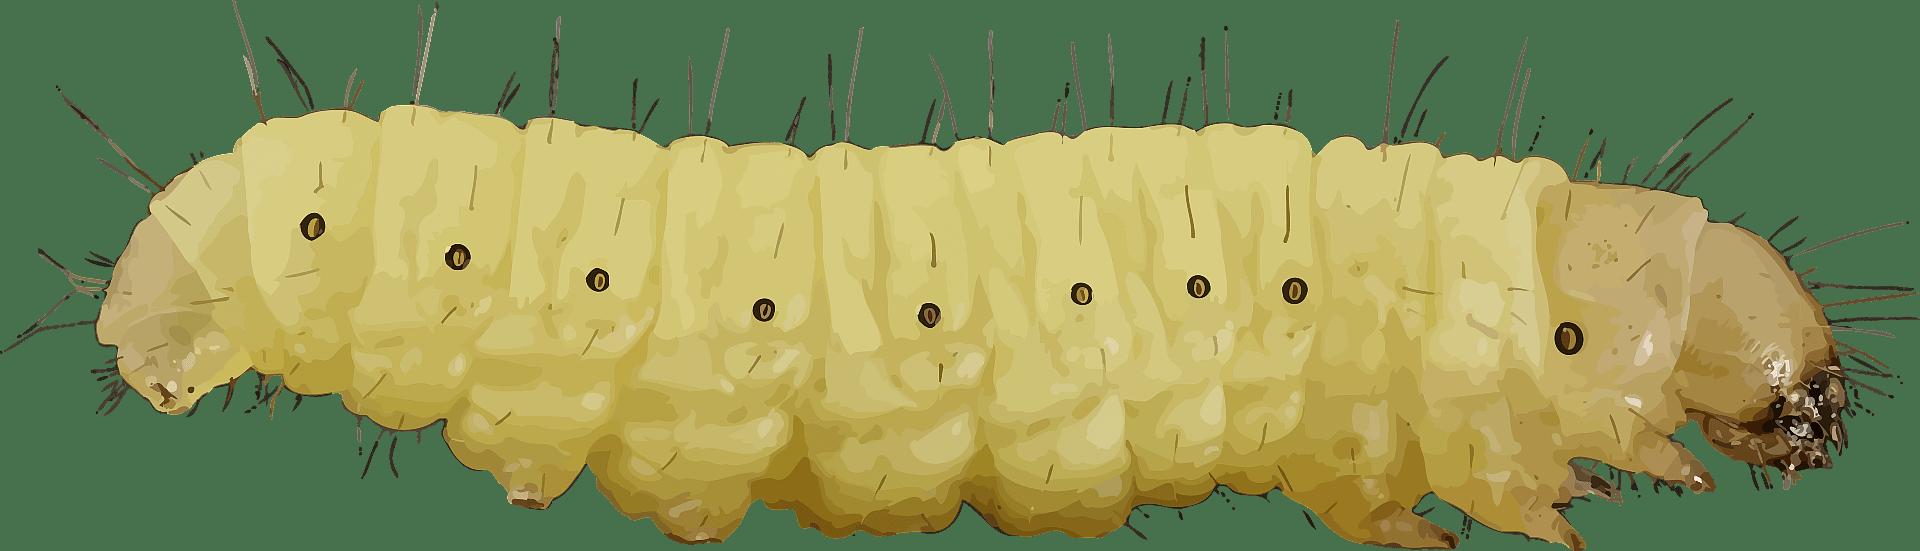 Caterpillar clipart transparent 3